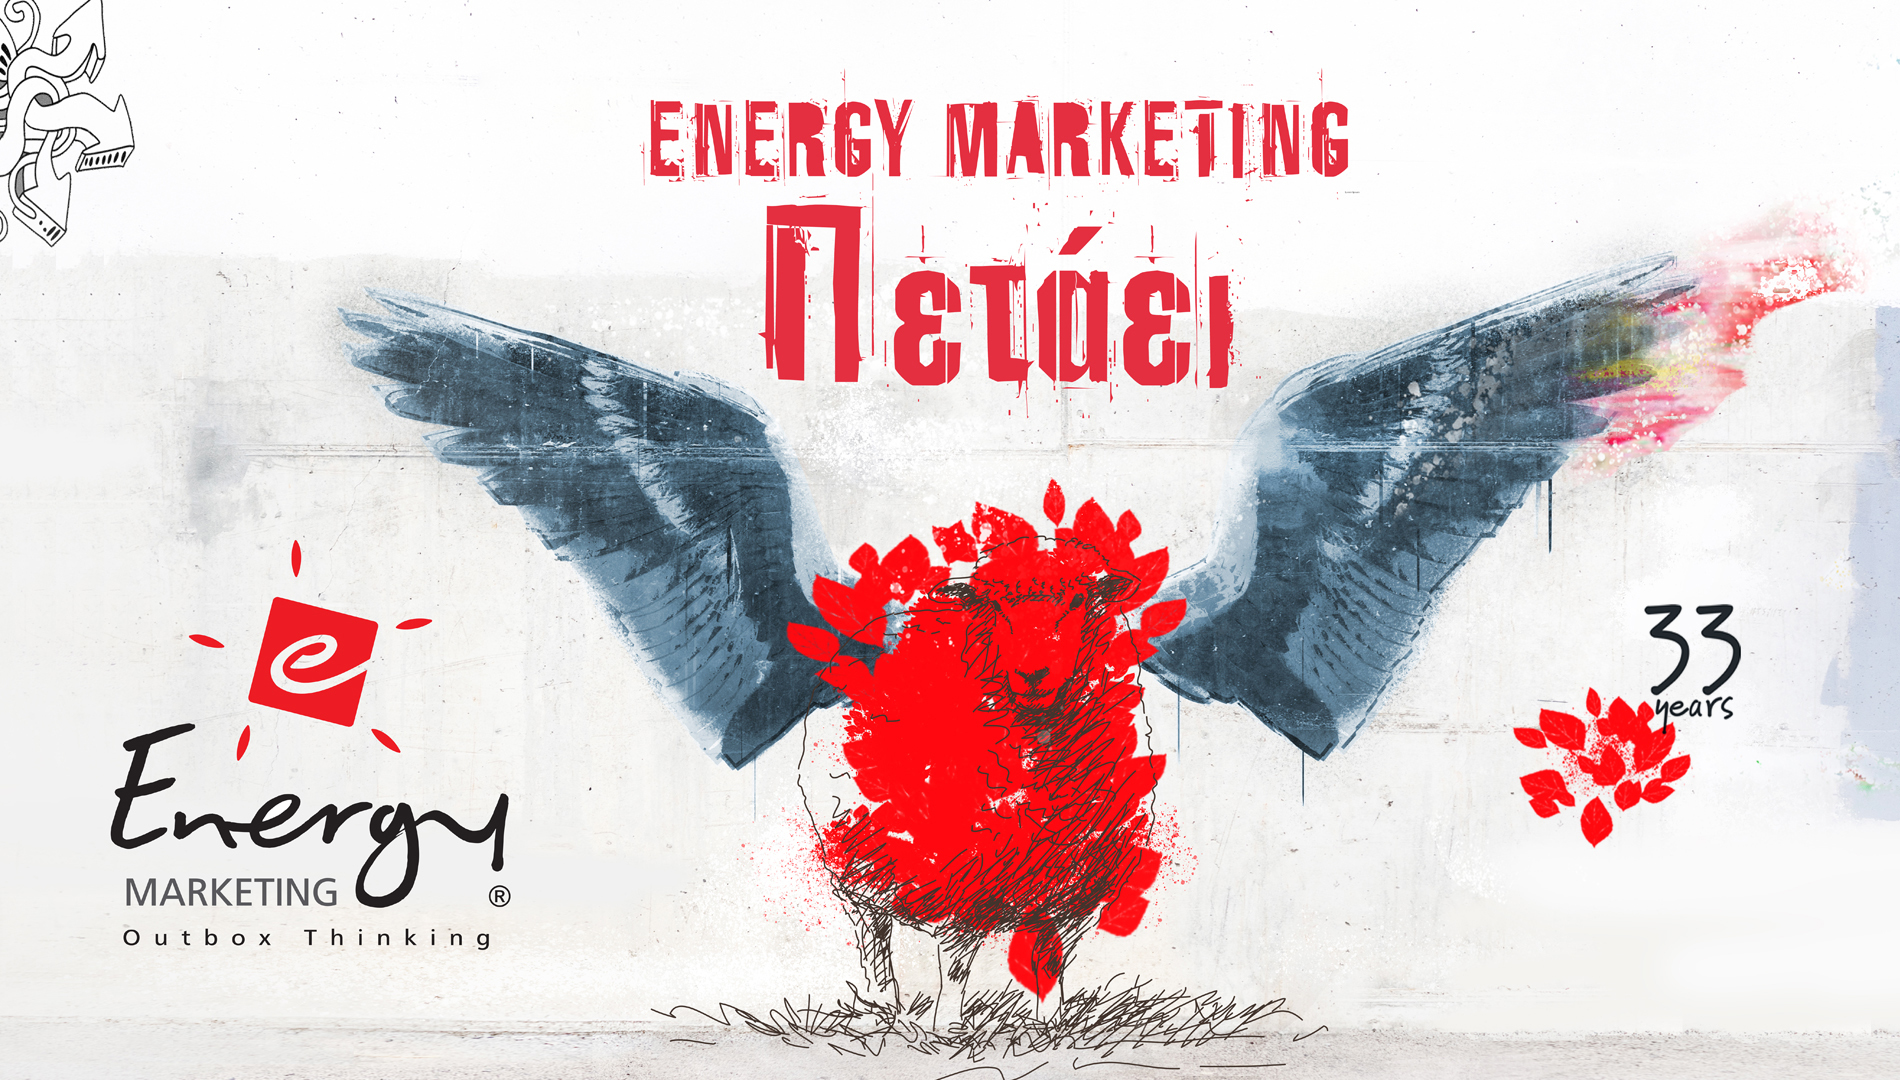 energy marketing Πετάει